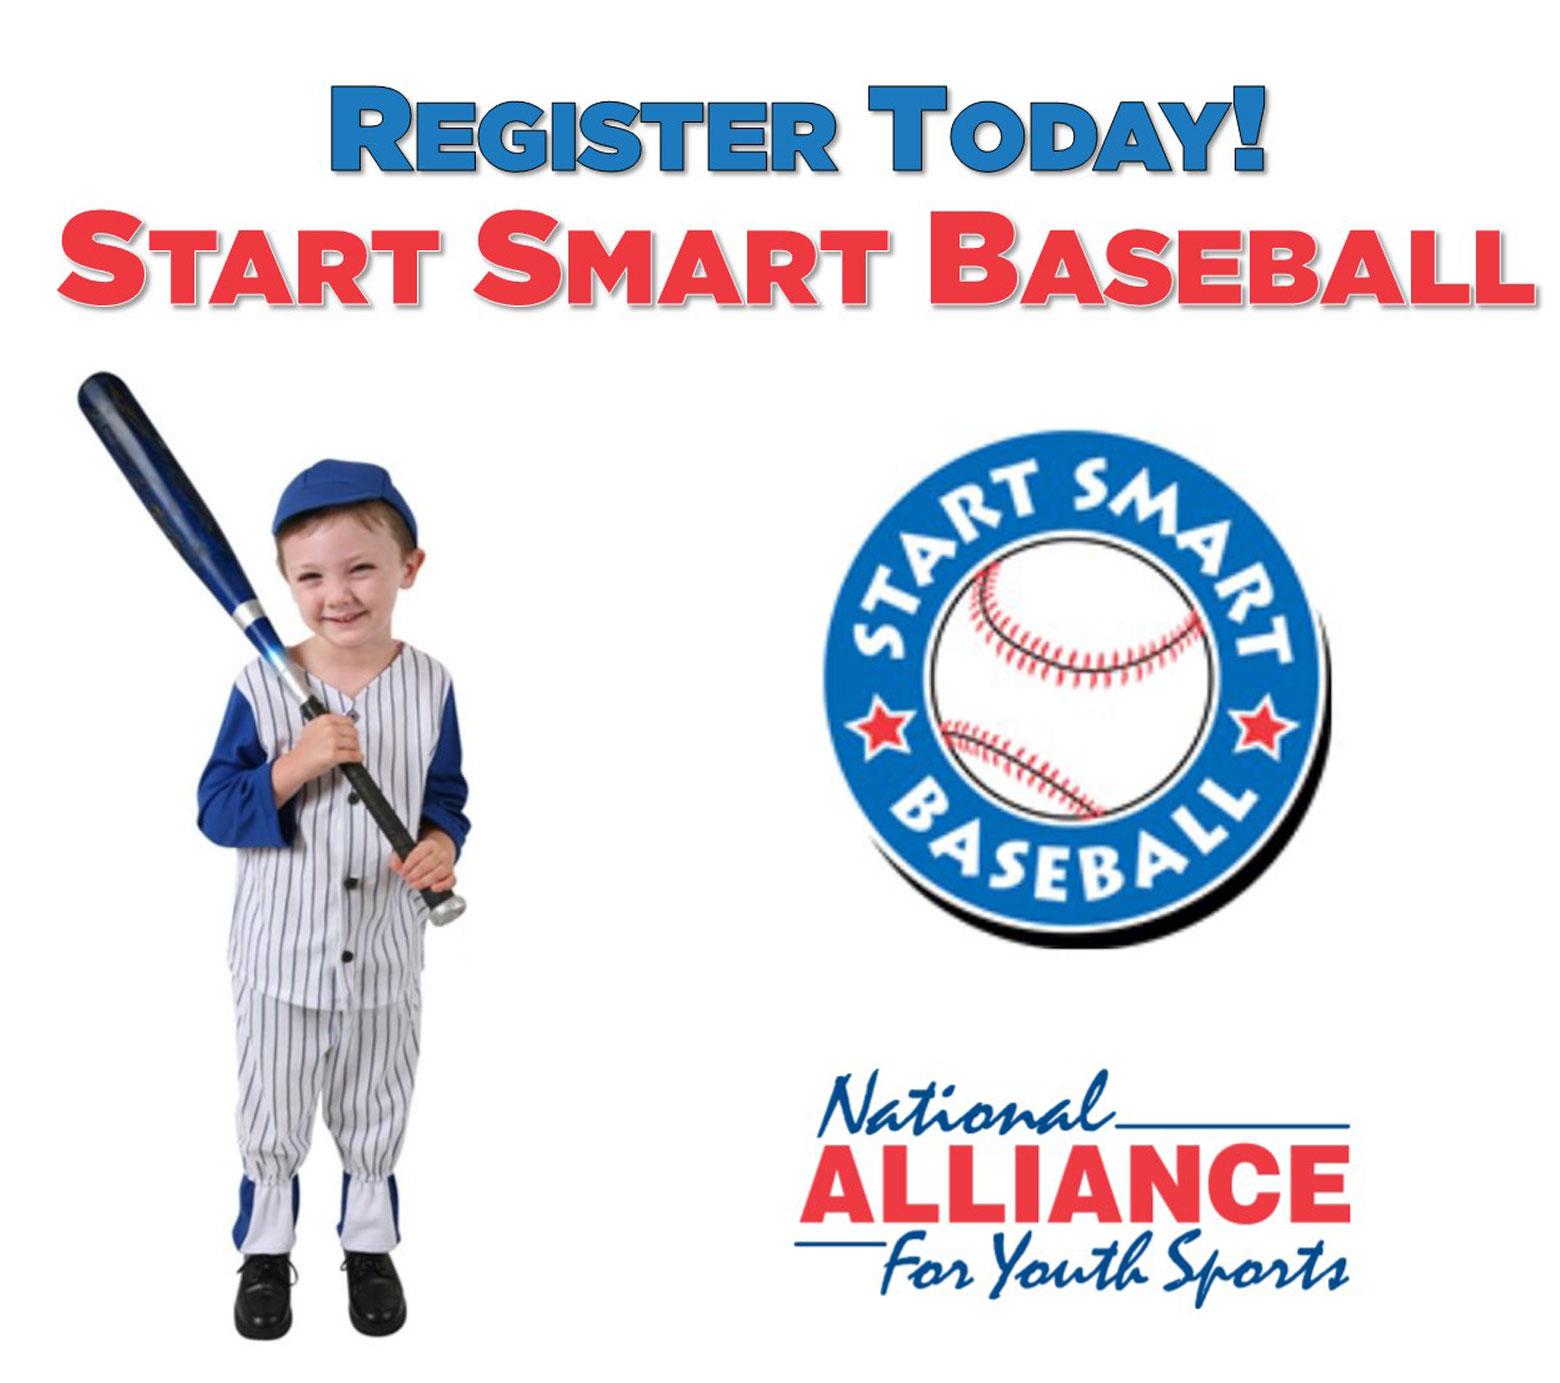 START SMART - Baseball